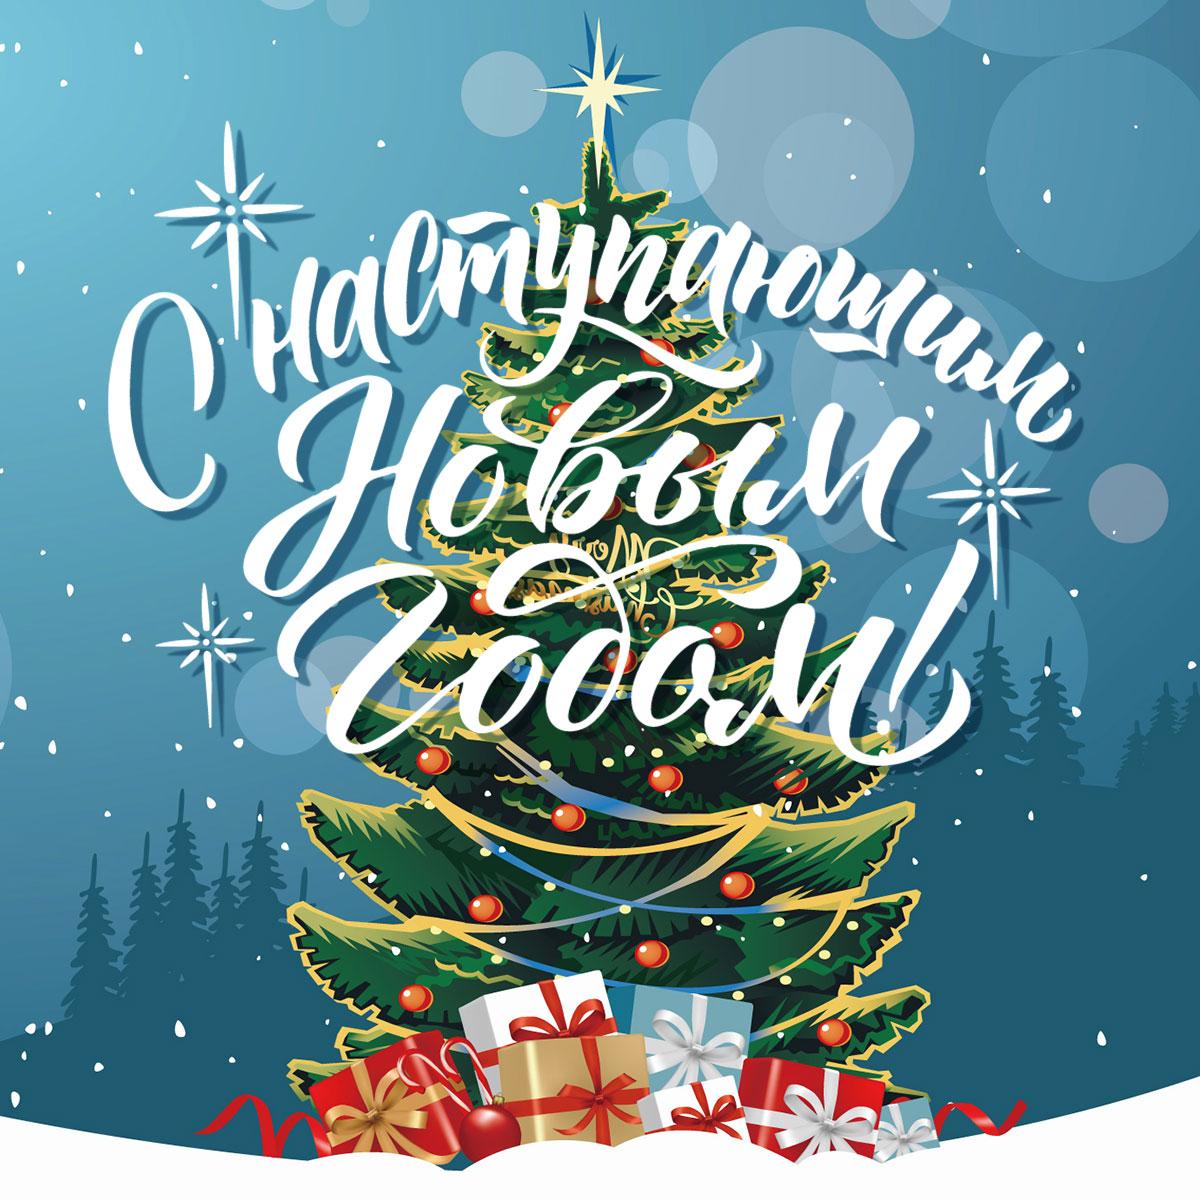 Картинка рождественской ёлки и подарков на новый год на фоне ночного неба и зимнего леса с каллиграфическим шрифтом.